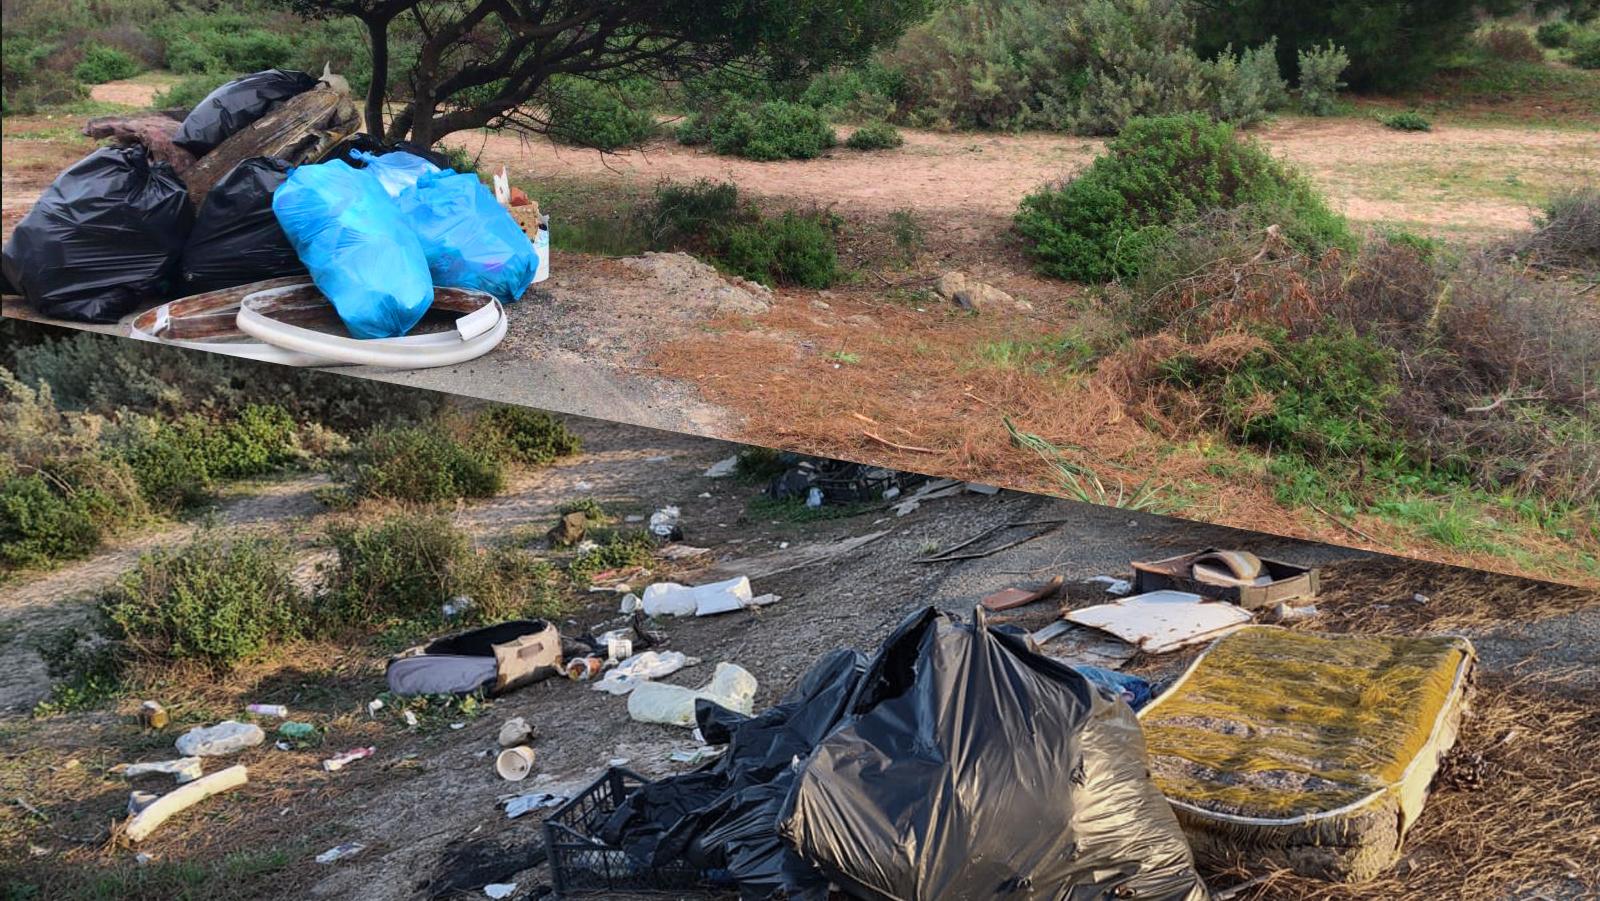 Volontari di Marevivo ripuliscono una spiaggia. Due settimane dopo è di nuovo una discarica